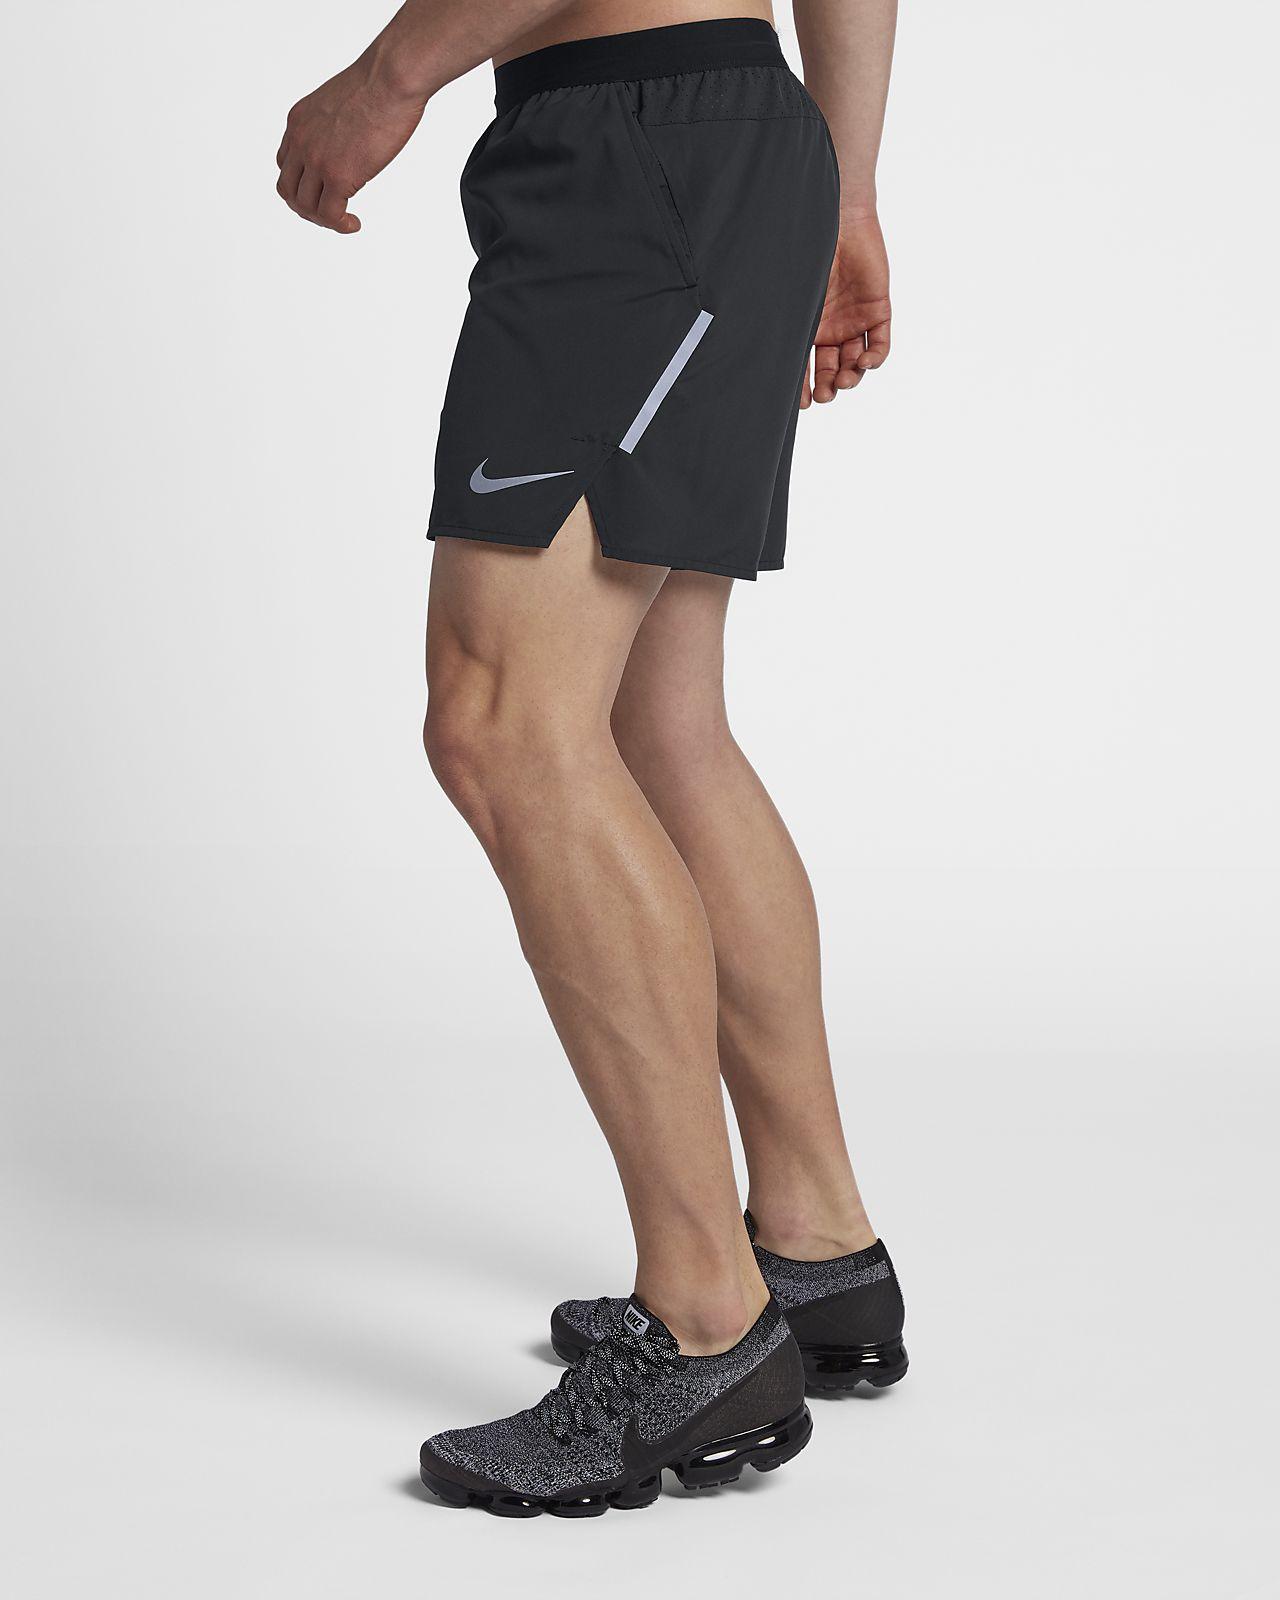 83fc4a749a ... Nike Flex Stride Pantalón corto de running de 12,5 cm con forro - Hombre